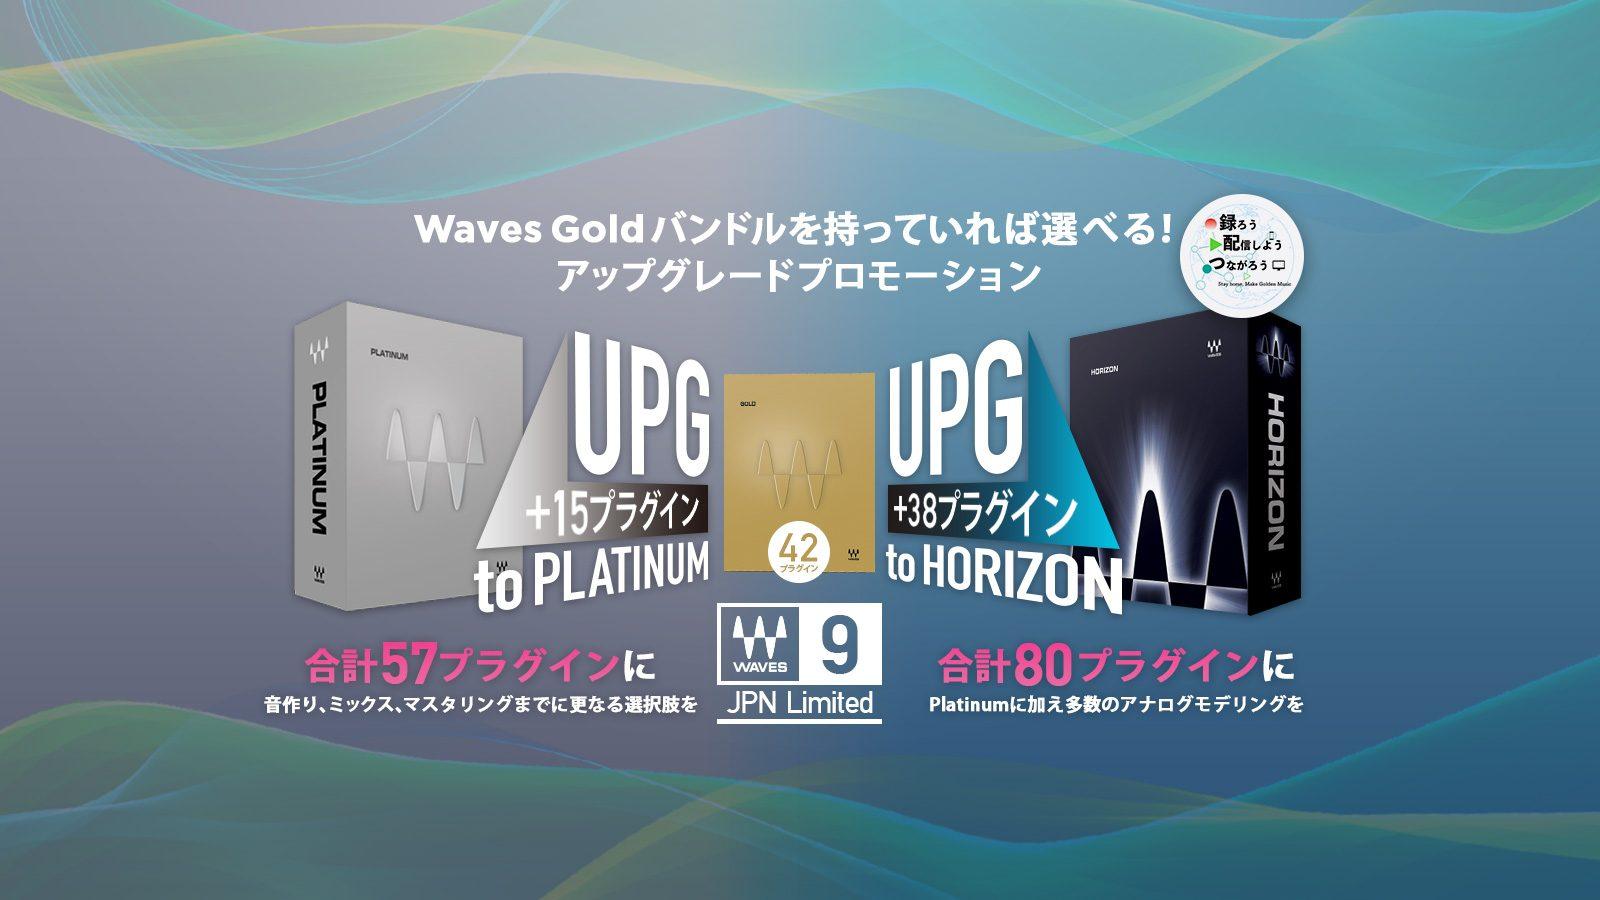 【日本限定】Waves Gold バンドルを持っていれば選べる!アップグレードプロモーション開催中